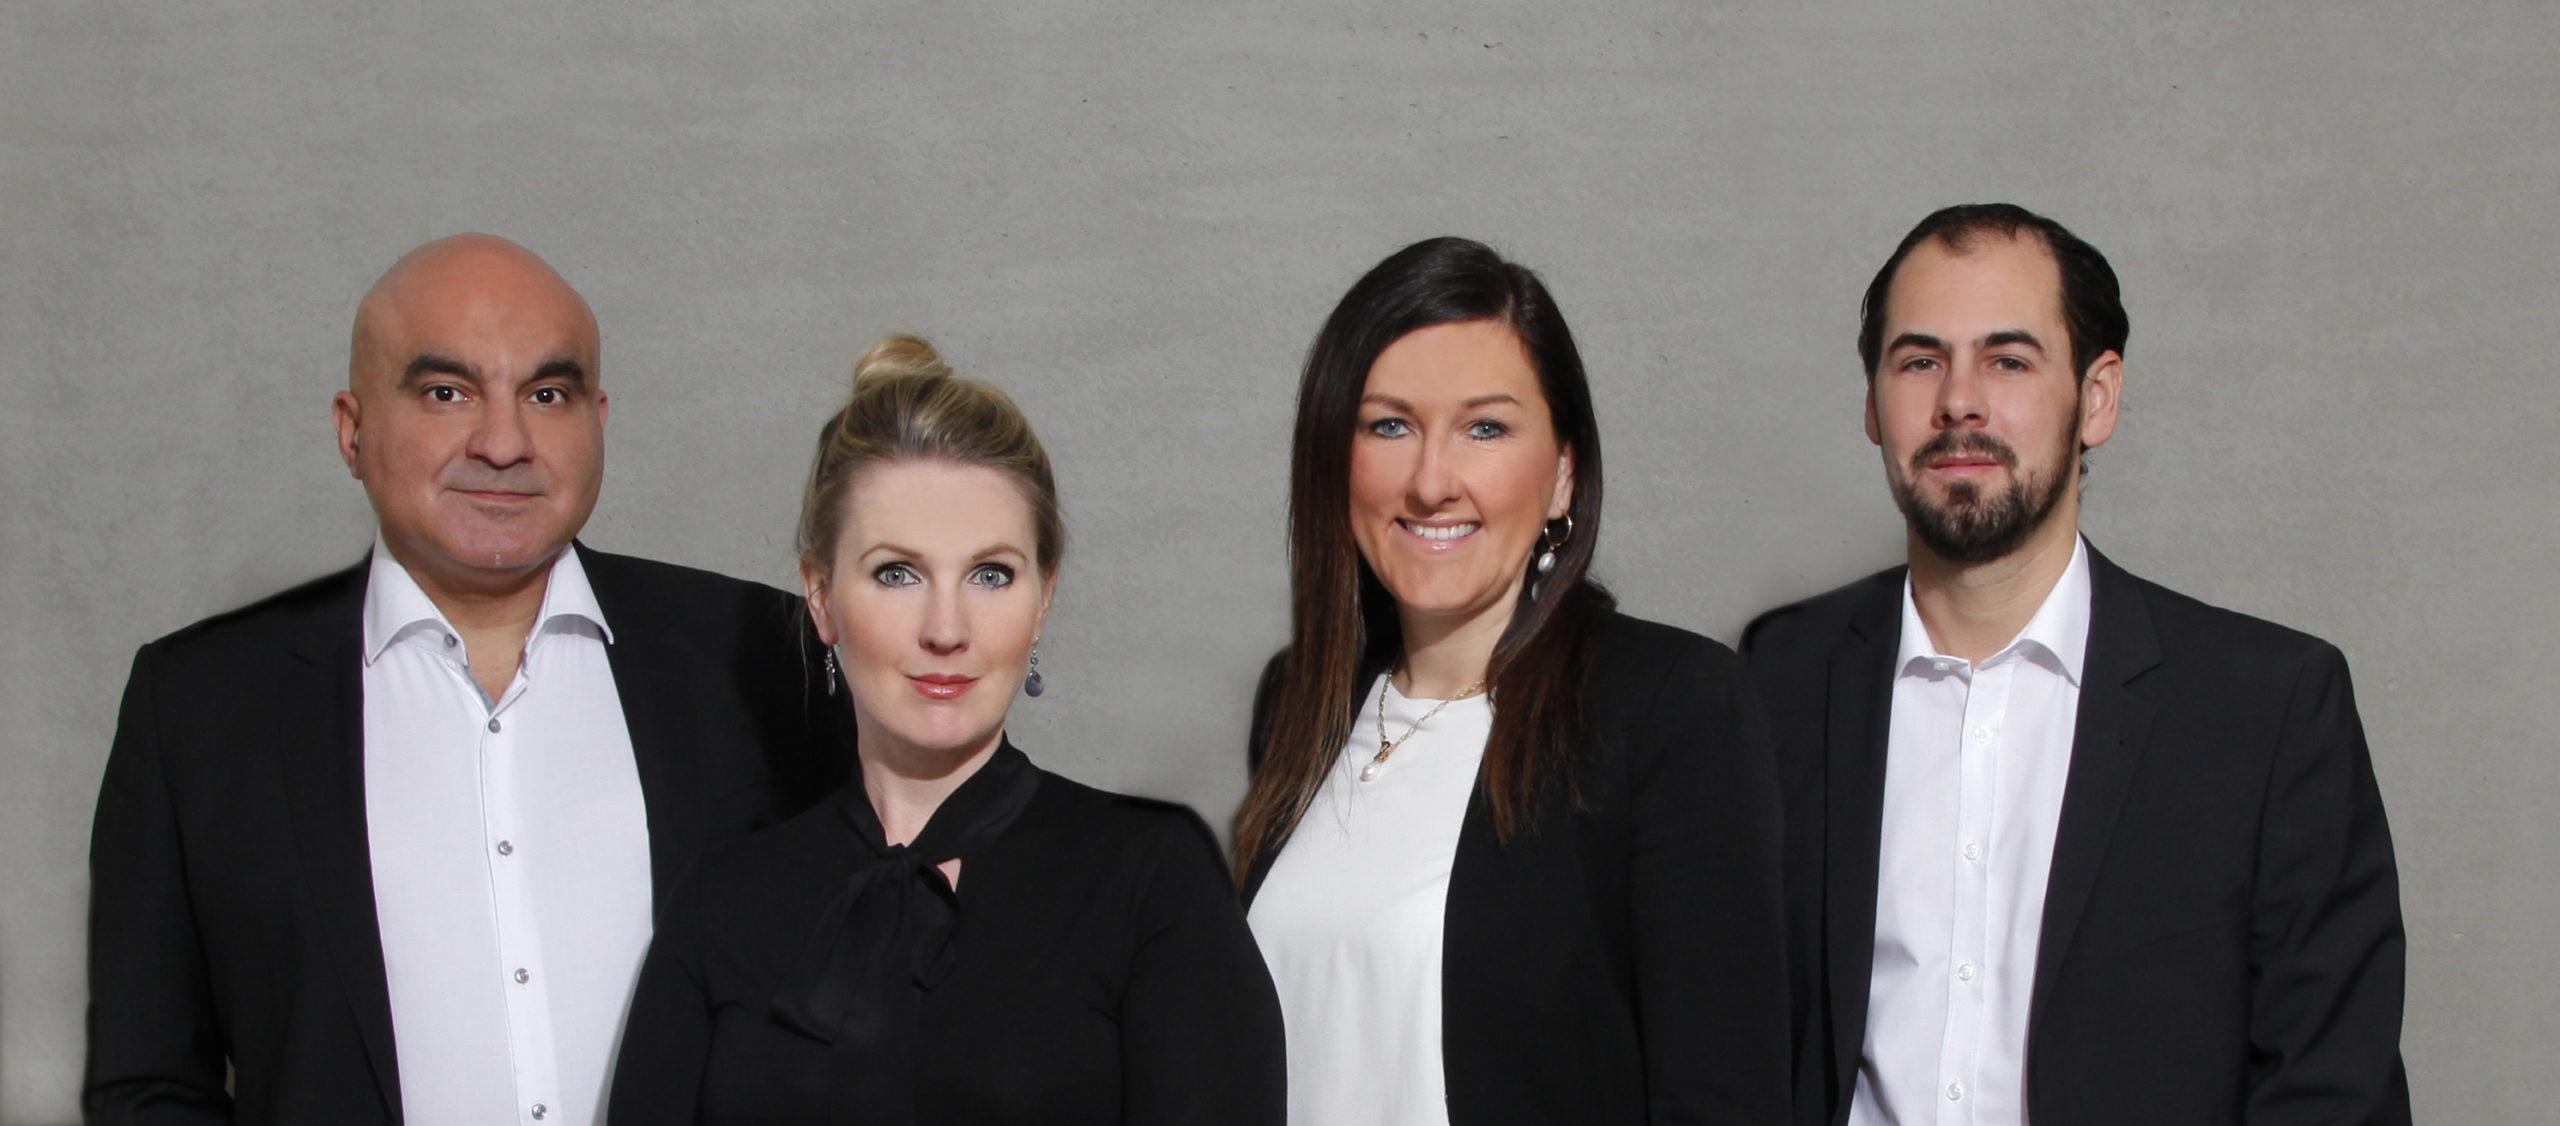 Gruppenfoto der Rechtsanwälte Goethestr. 89 GbR